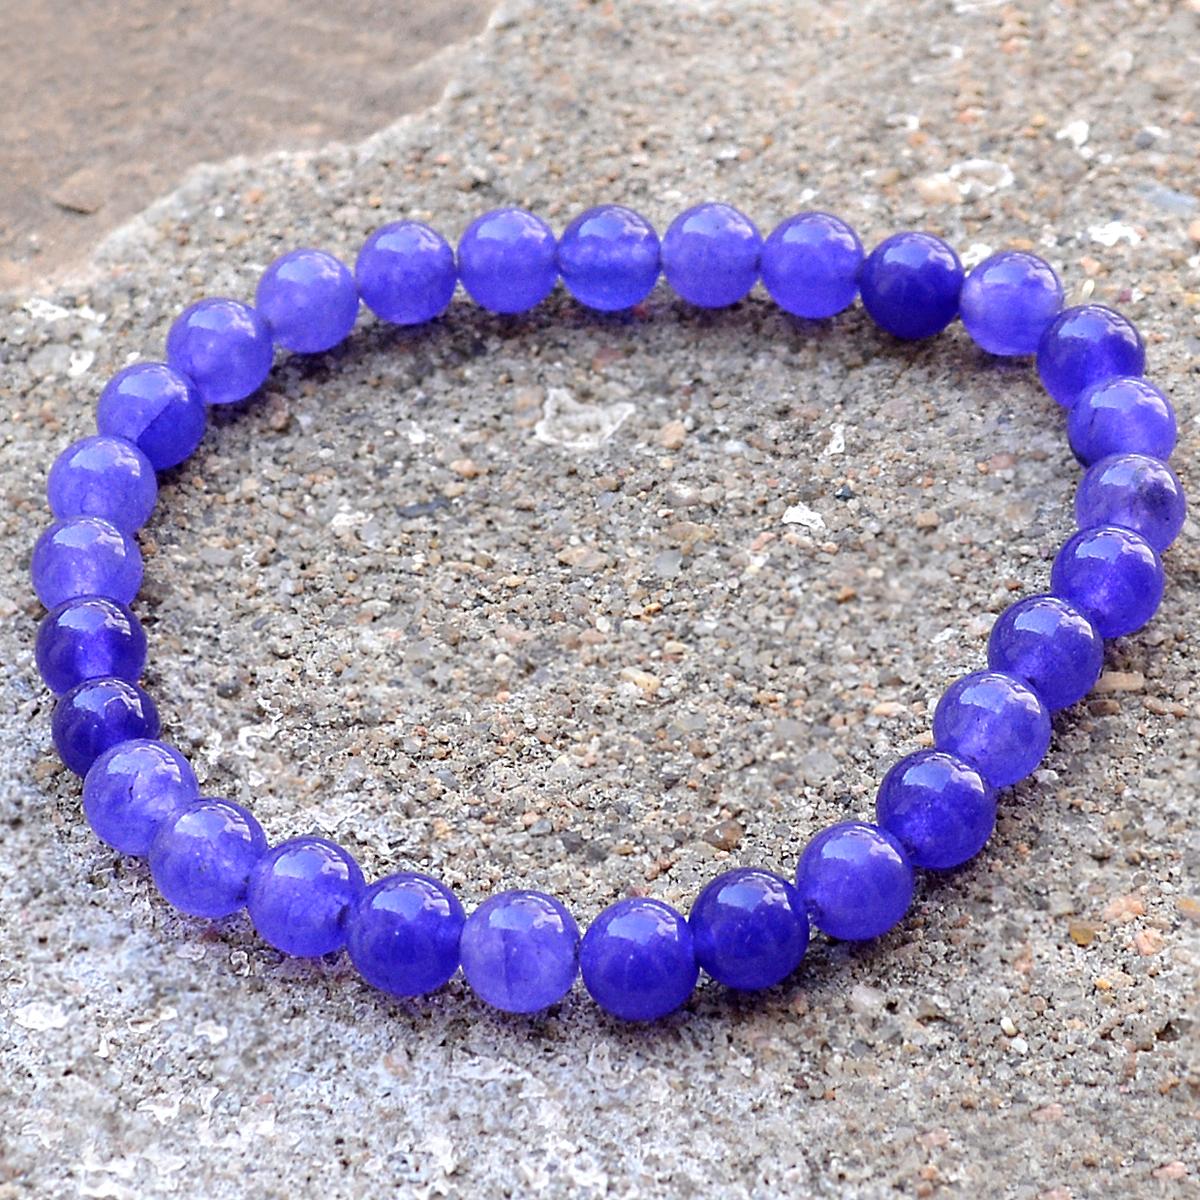 Amethyst Quartz Beaded Bracelet PG-156708